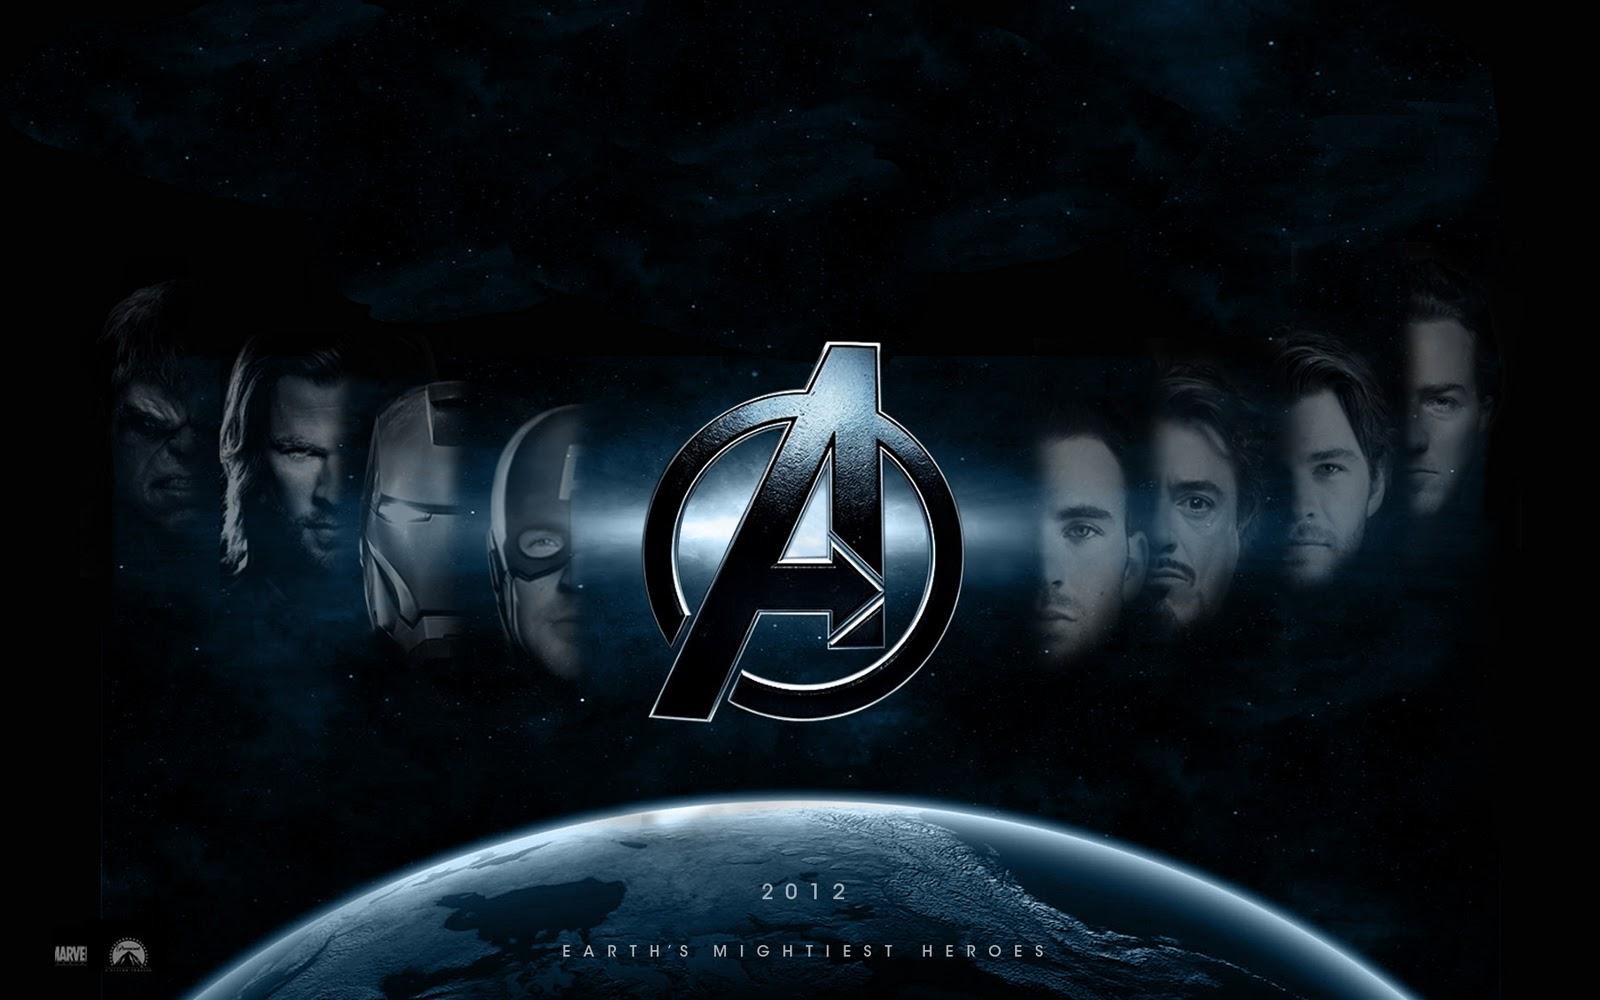 http://4.bp.blogspot.com/-d-dzrPPzO3M/TpZXu_AcTBI/AAAAAAAAC0c/2O48sTd8iTc/s1600/the_avengers_2012-wide.jpg